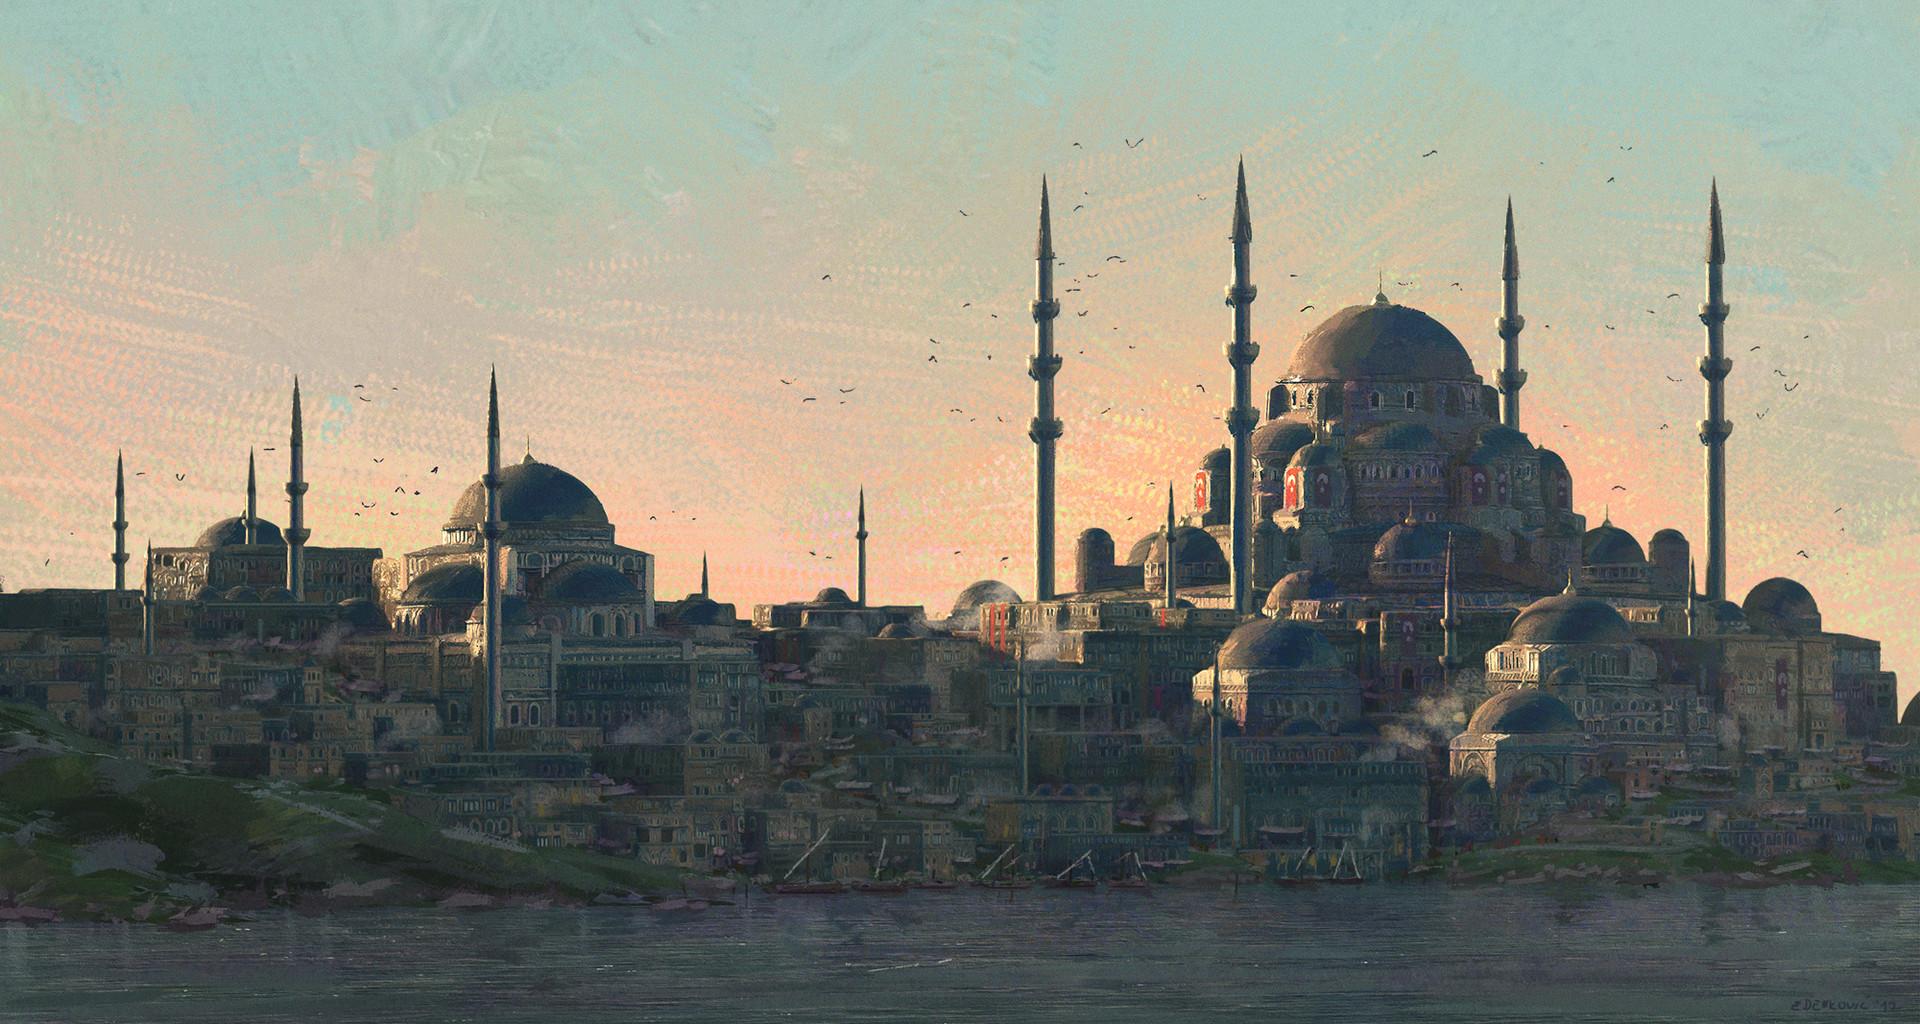 Wallpaper Concept Art Architecture City Ottoman Empire